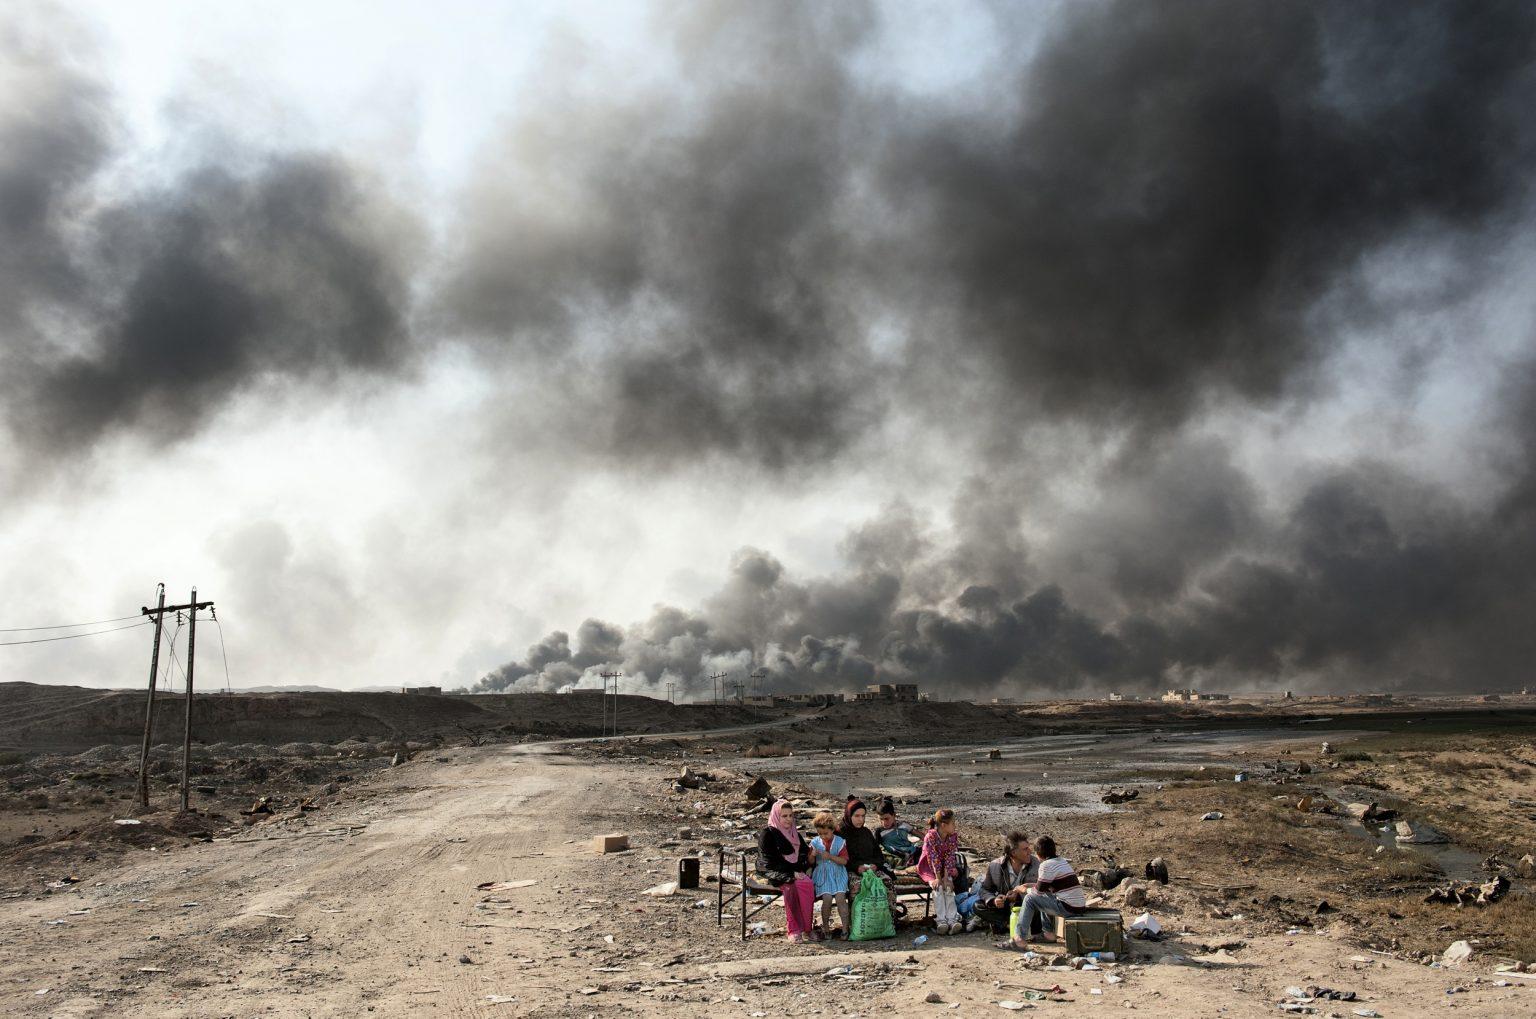 Qayyarah, Iraq, October 27th, ?2016 - Civilians evacuated from the city of Mosul during the operation carried out by the Iraqi army against the so-called Islamic State, which declared the second largest city of Iraq the capital of the Caliphate since 2014. In the picture, an Iraqi family waiting at the checkpoint of the town of Qayyara to be transported to one of the several refugee camps for internally displaced persons.  In the background, piles of smoke of burned oil of the pipelines present in the town, that the so-called Islamic State set on fire ?before to retreat from the area. ----------------- Qayyarah, Iraq, 27 ottobre 2016 - Civili evacuati dalla città di Mosul durante l'operazione condotta dall'esercito iracheno contro il cosiddetto Stato islamico, che dal 2014 ha dichiarato la seconda città dell'Iraq capitale del Califfato. Nella foto, una famiglia irachena in attesa al posto di blocco della città di Qayyara per essere trasportata in uno dei numerosi campi profughi per sfollati interni. Sullo sfondo, fumo di petrolio bruciato degli oleodotti presenti nella cittadina, che il cosiddetto Stato Islamico ha incendiato prima di ritirarsi dalla zona.